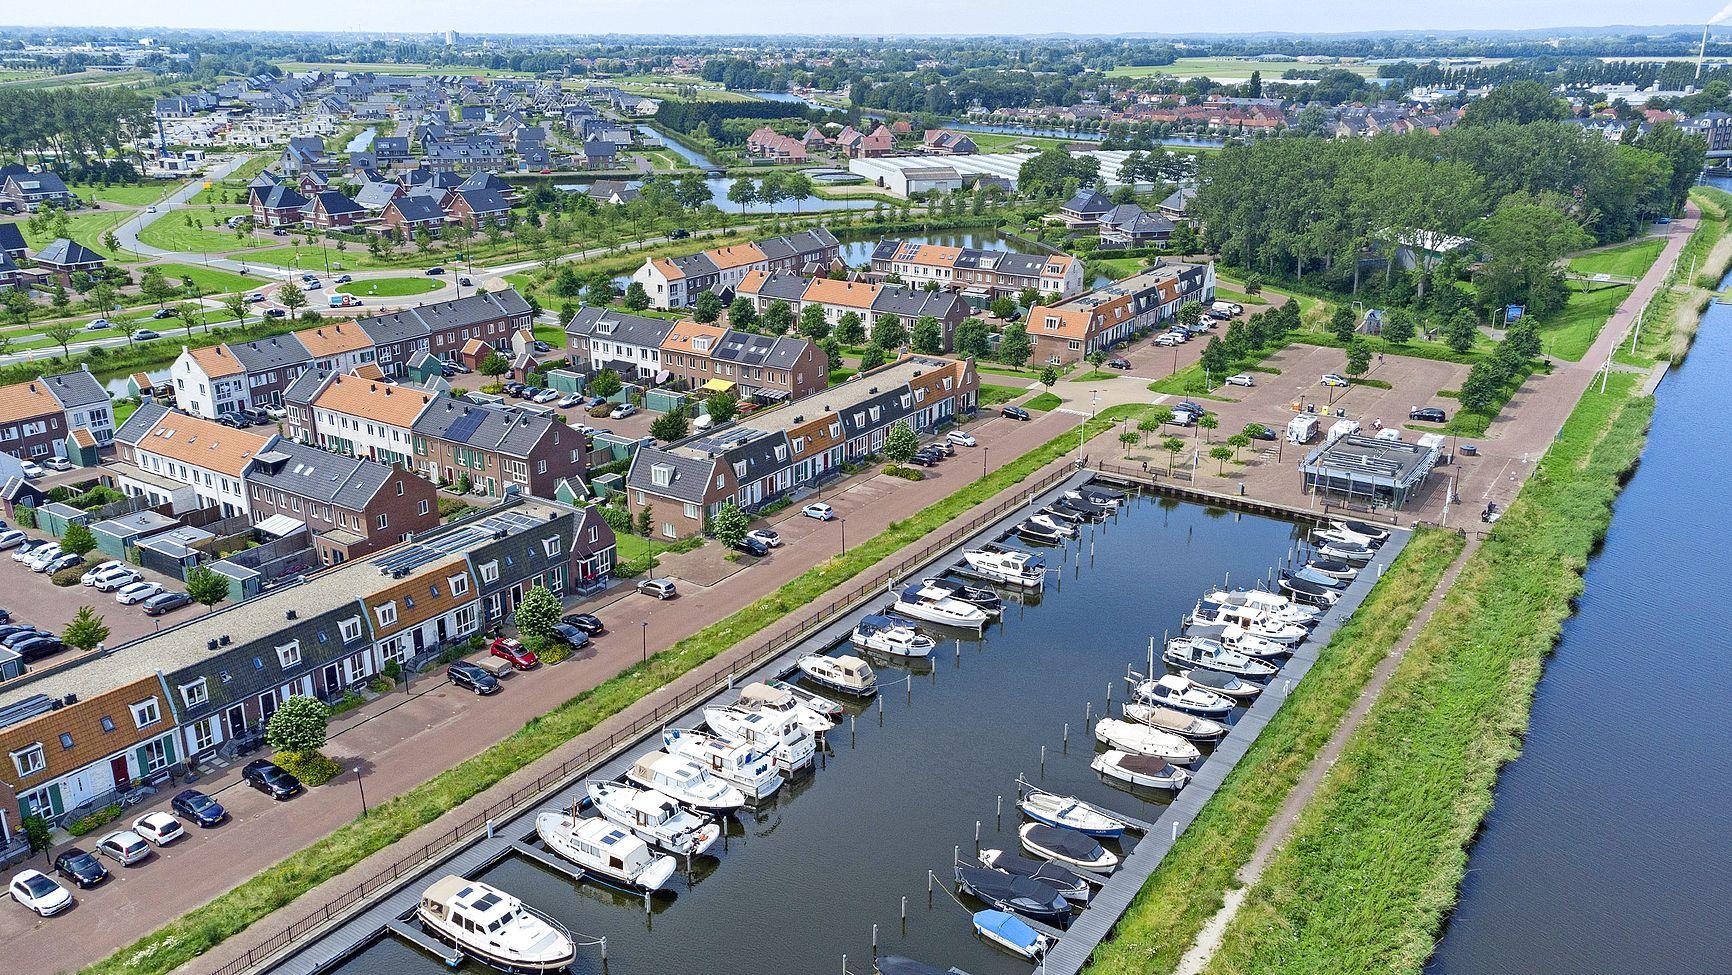 Plan voor grensgebied Westdijk aangepast na reacties inwoners. Zorgen over parkeren, brug en wandelvlonders